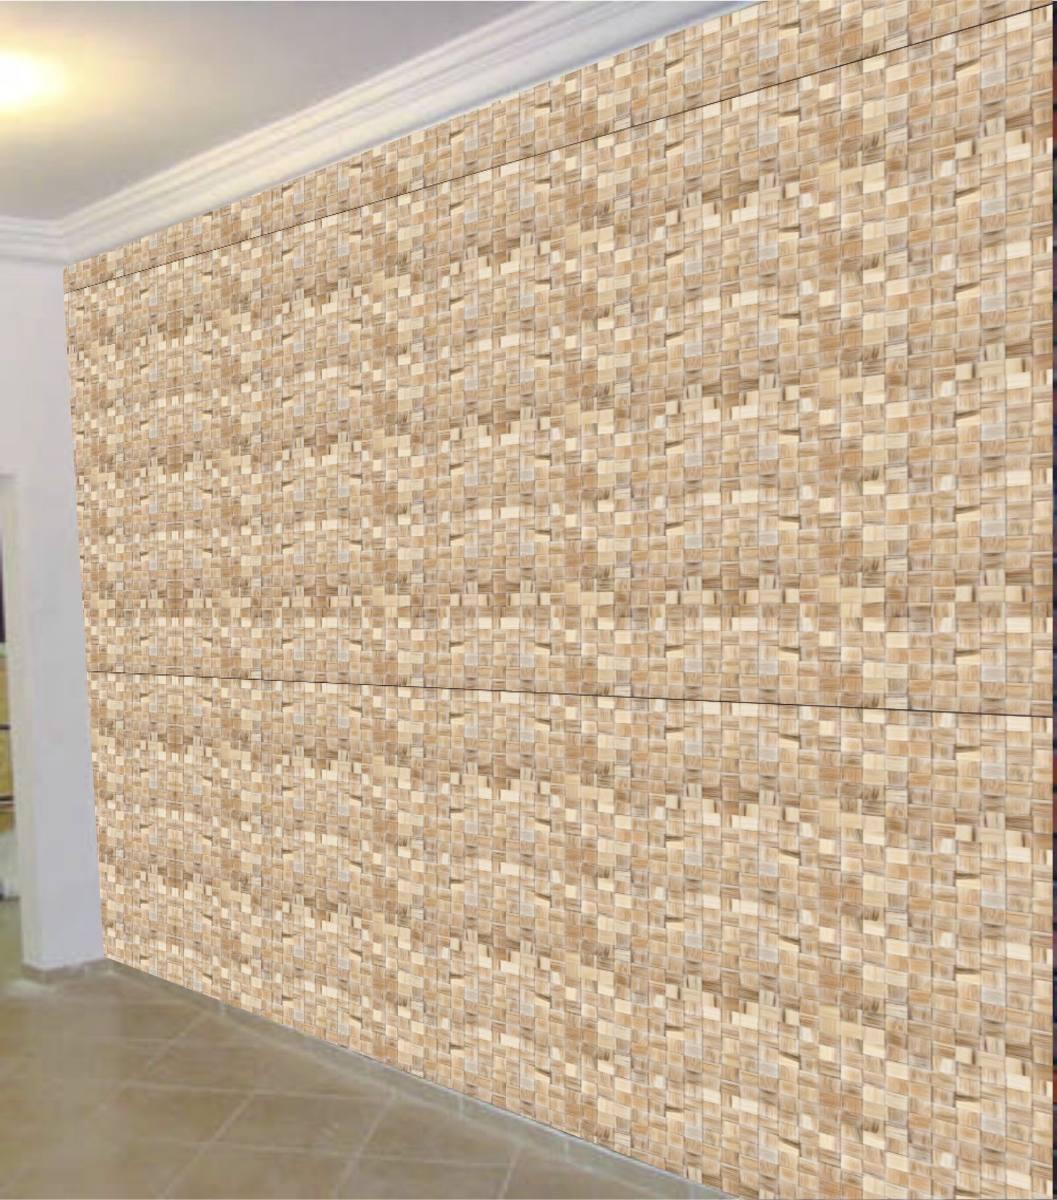 #896842  De Parede Textura Fosca Madeira Decorativo R$ 9 90 em Mercado Livre 1057x1200 px papel de parede para banheiro mercado livre